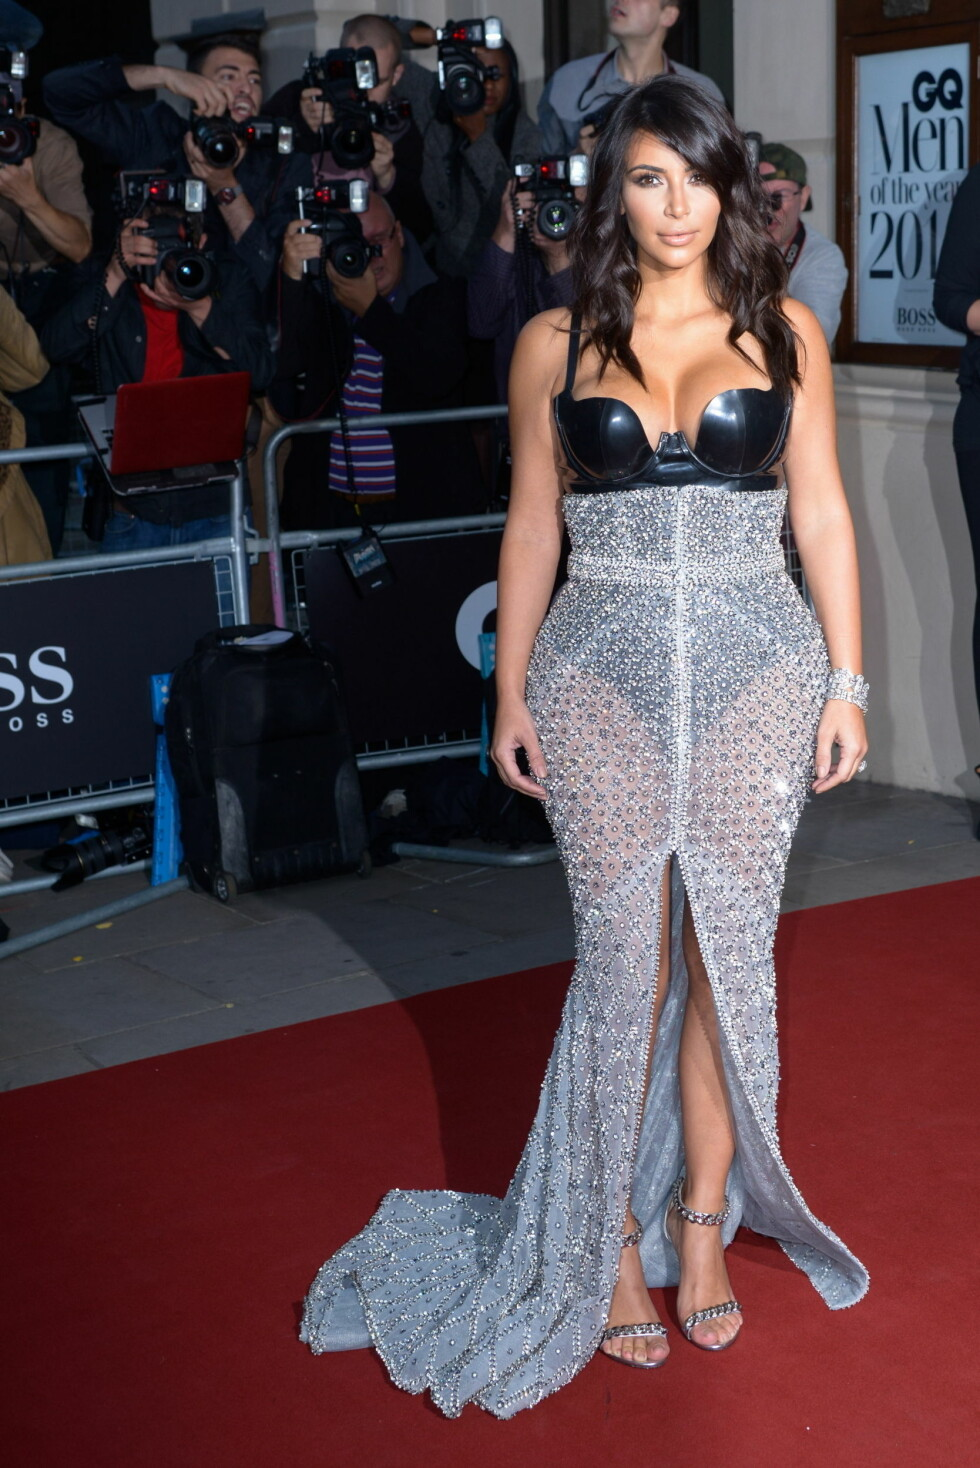 VISTE FORMENE: Ikke overraskende lot prisvinner Kim Kardashian de berømte formene være i høysetet i en sexy lakk-body og gjennomskinnelig, metallisk skjørt.  Foto: Stella Pictures